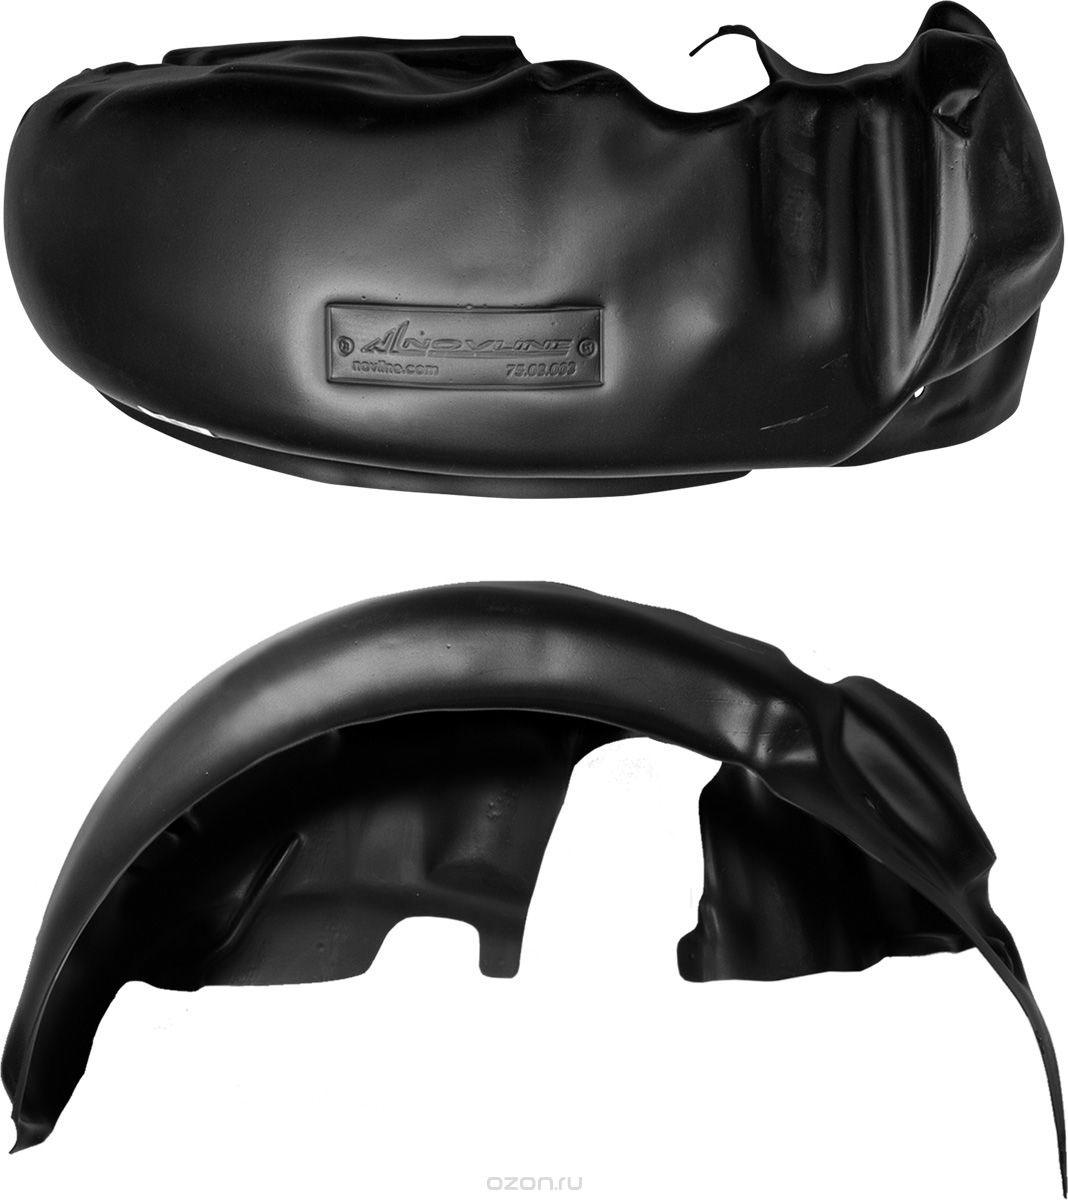 Подкрылок Novline-Autofamily, для Chevrolet Aveo хэтчбек, 2012->, задний левыйNLL.08.16.003Идеальная защита колесной ниши. Локеры разработаны с применением цифровых технологий, гарантируют максимальную повторяемость поверхности арки. Изделия устанавливаются без нарушения лакокрасочного покрытия автомобиля, каждый подкрылок комплектуется крепежом. Уважаемые клиенты, обращаем ваше внимание, что фотографии на подкрылки универсальные и не отражают реальную форму изделия. При этом само изделие идет точно под размер указанного автомобиля.